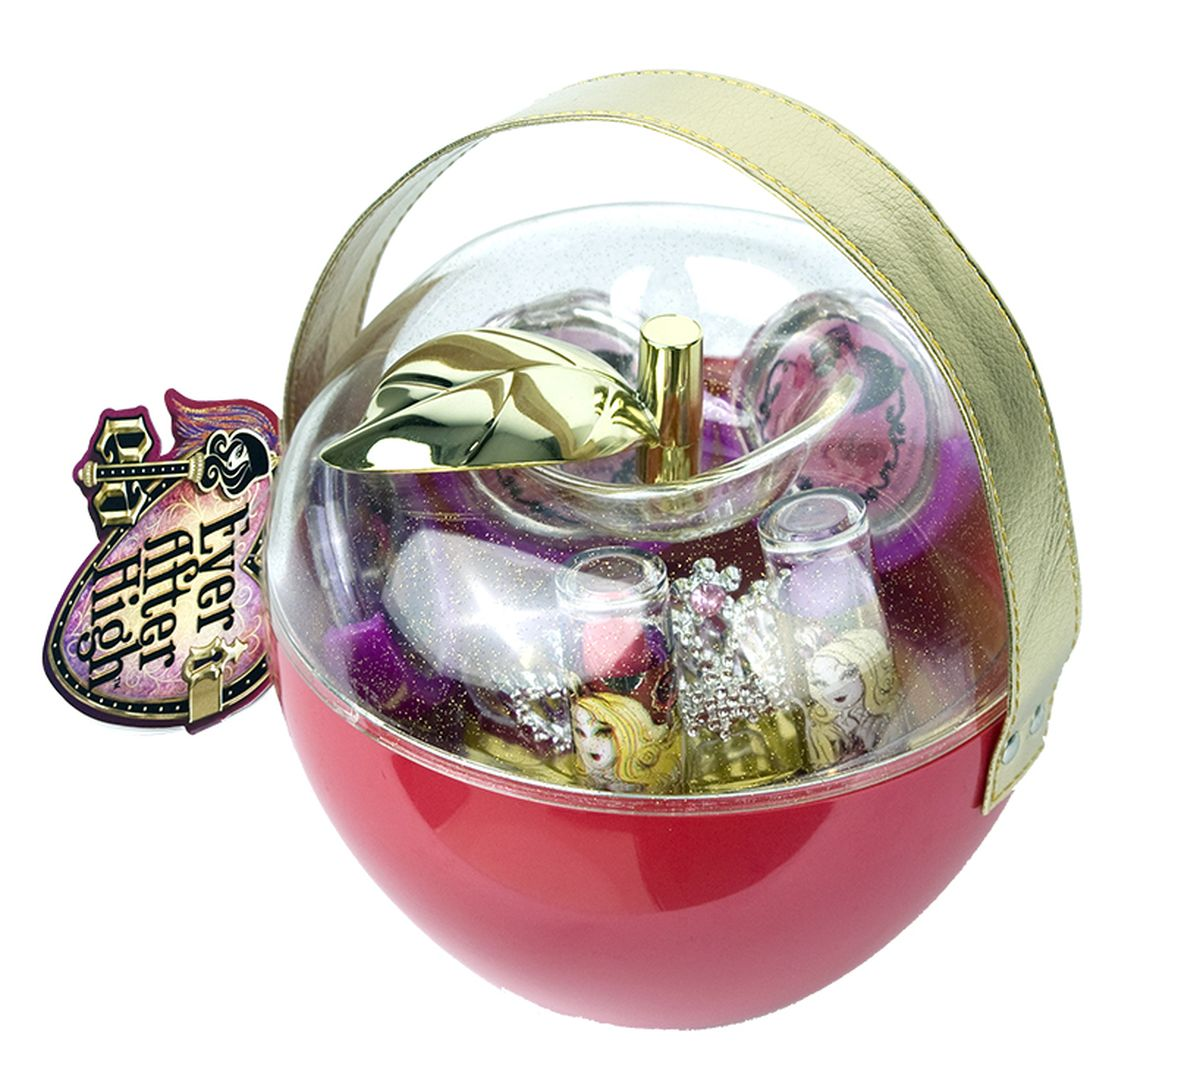 Markwins Игровой набор детской декоративной косметики Ever After High в яблоке00001313Состав набора: блески для губ 6 оттенков, губные помады в футлярах 2 шт., тиара 1 шт.